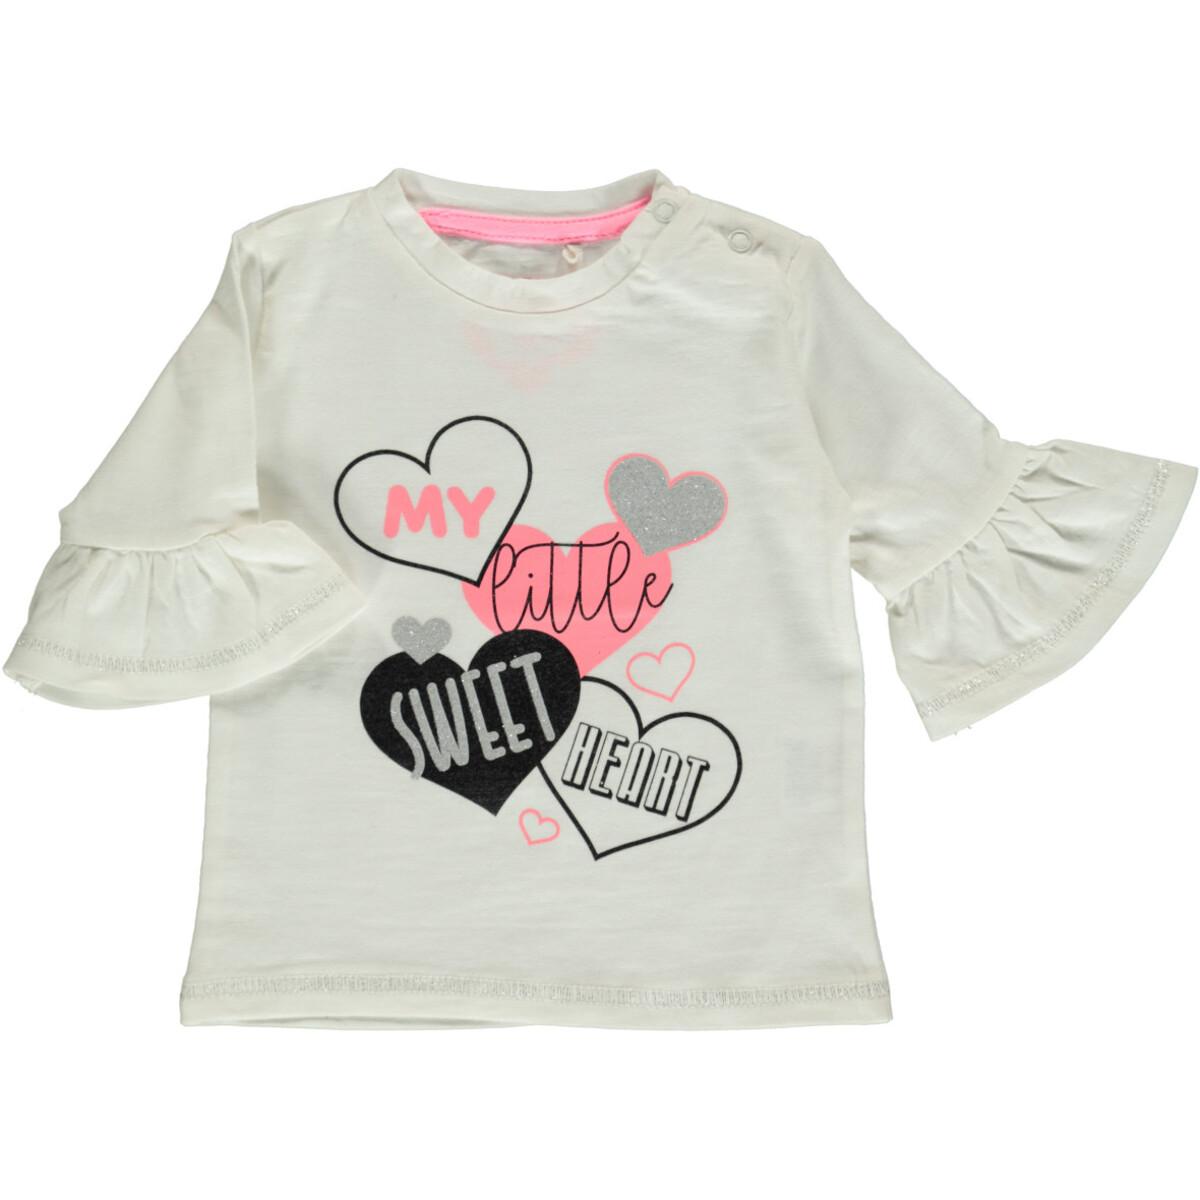 Bild 1 von Baby Shirt mit Glitzer Print